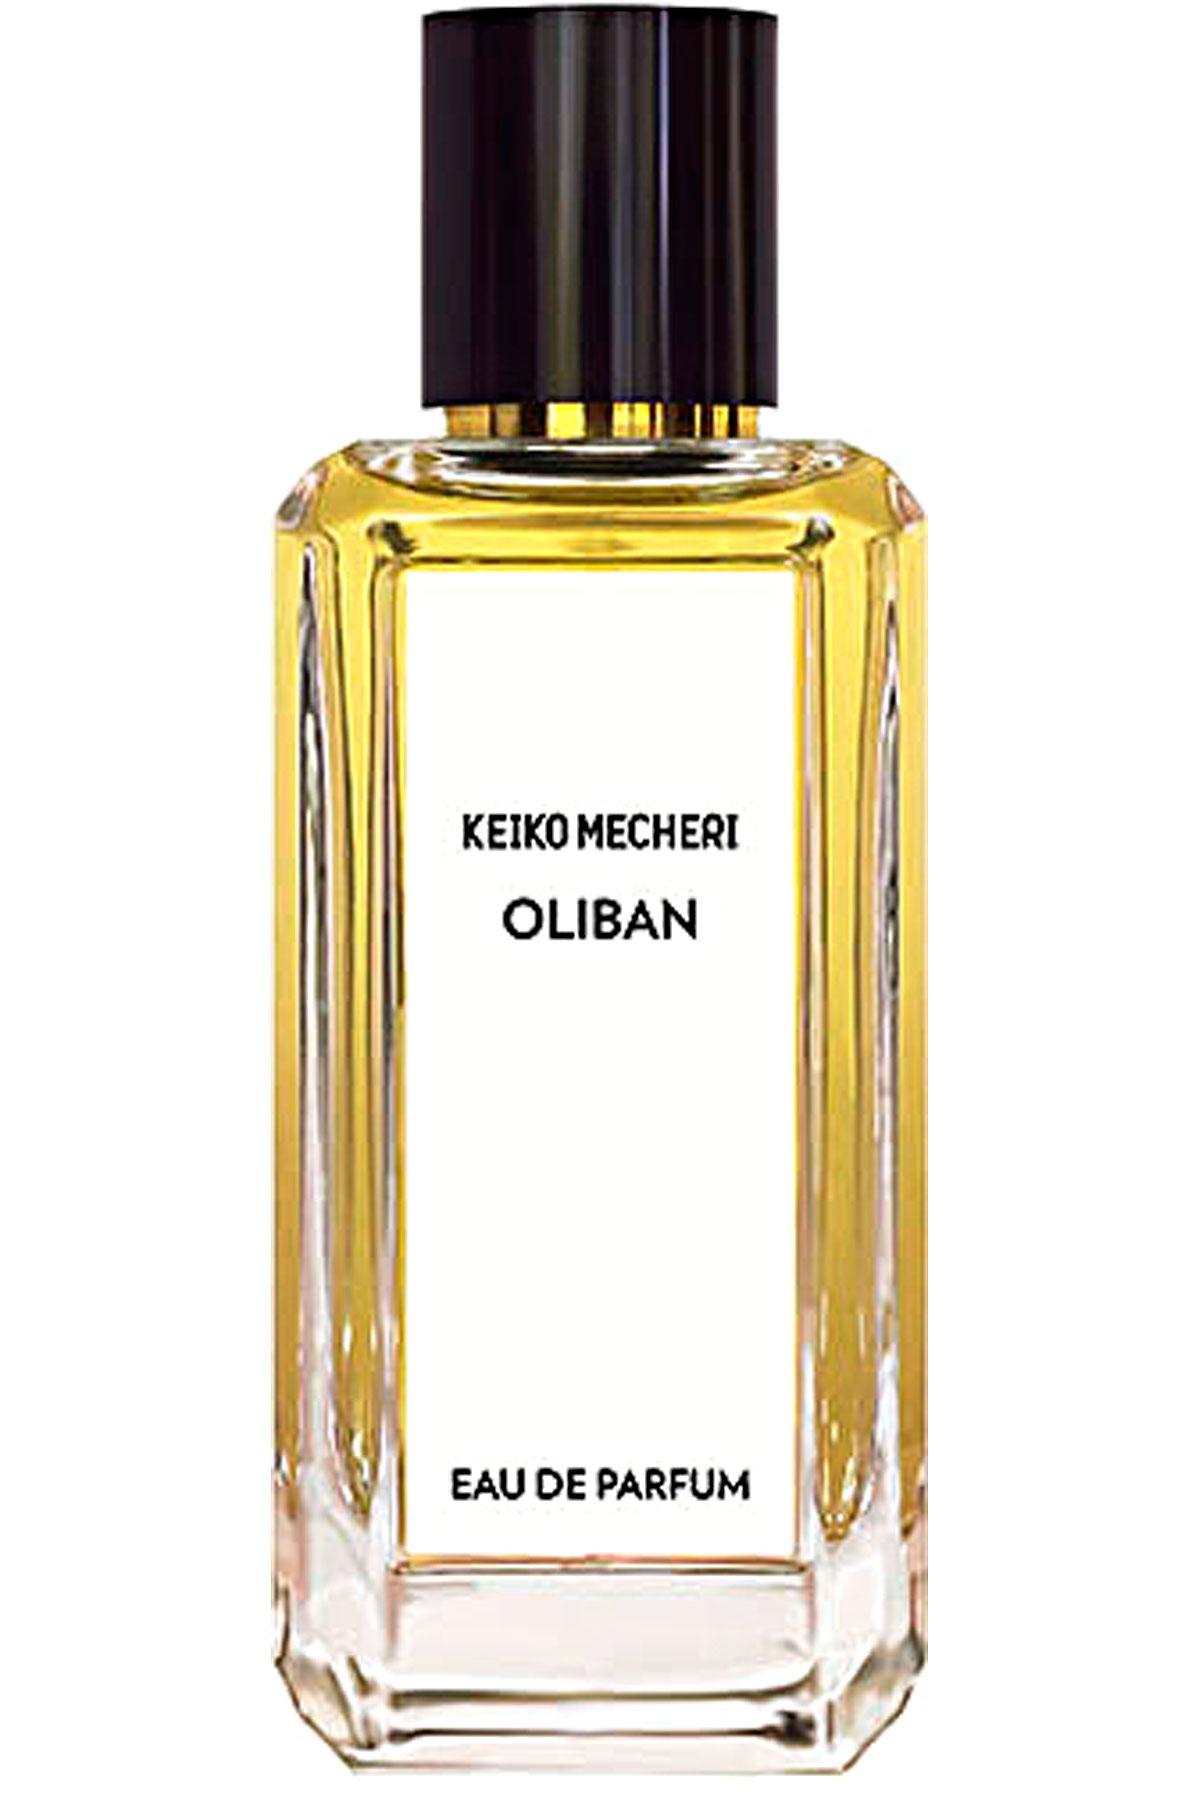 Keiko Mecheri Fragrances for Men, Oliban - Eau De Parfum - 100 Ml, 2019, 100 ml